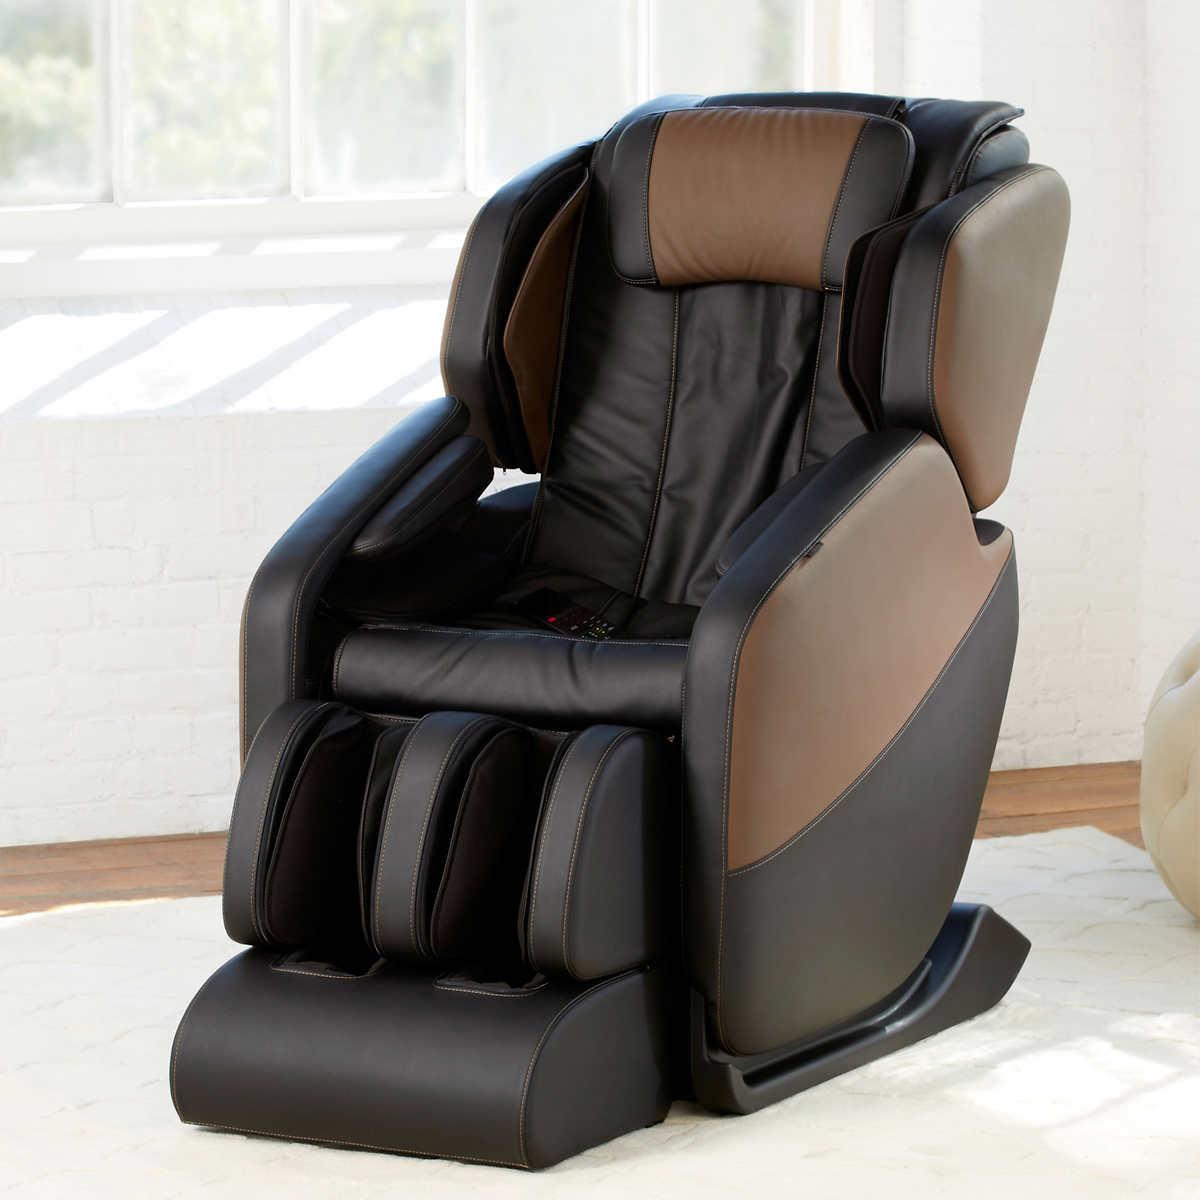 Osim massage chair price - Out Of Stock Brookstone Renew Zero Gravity Massage Chair